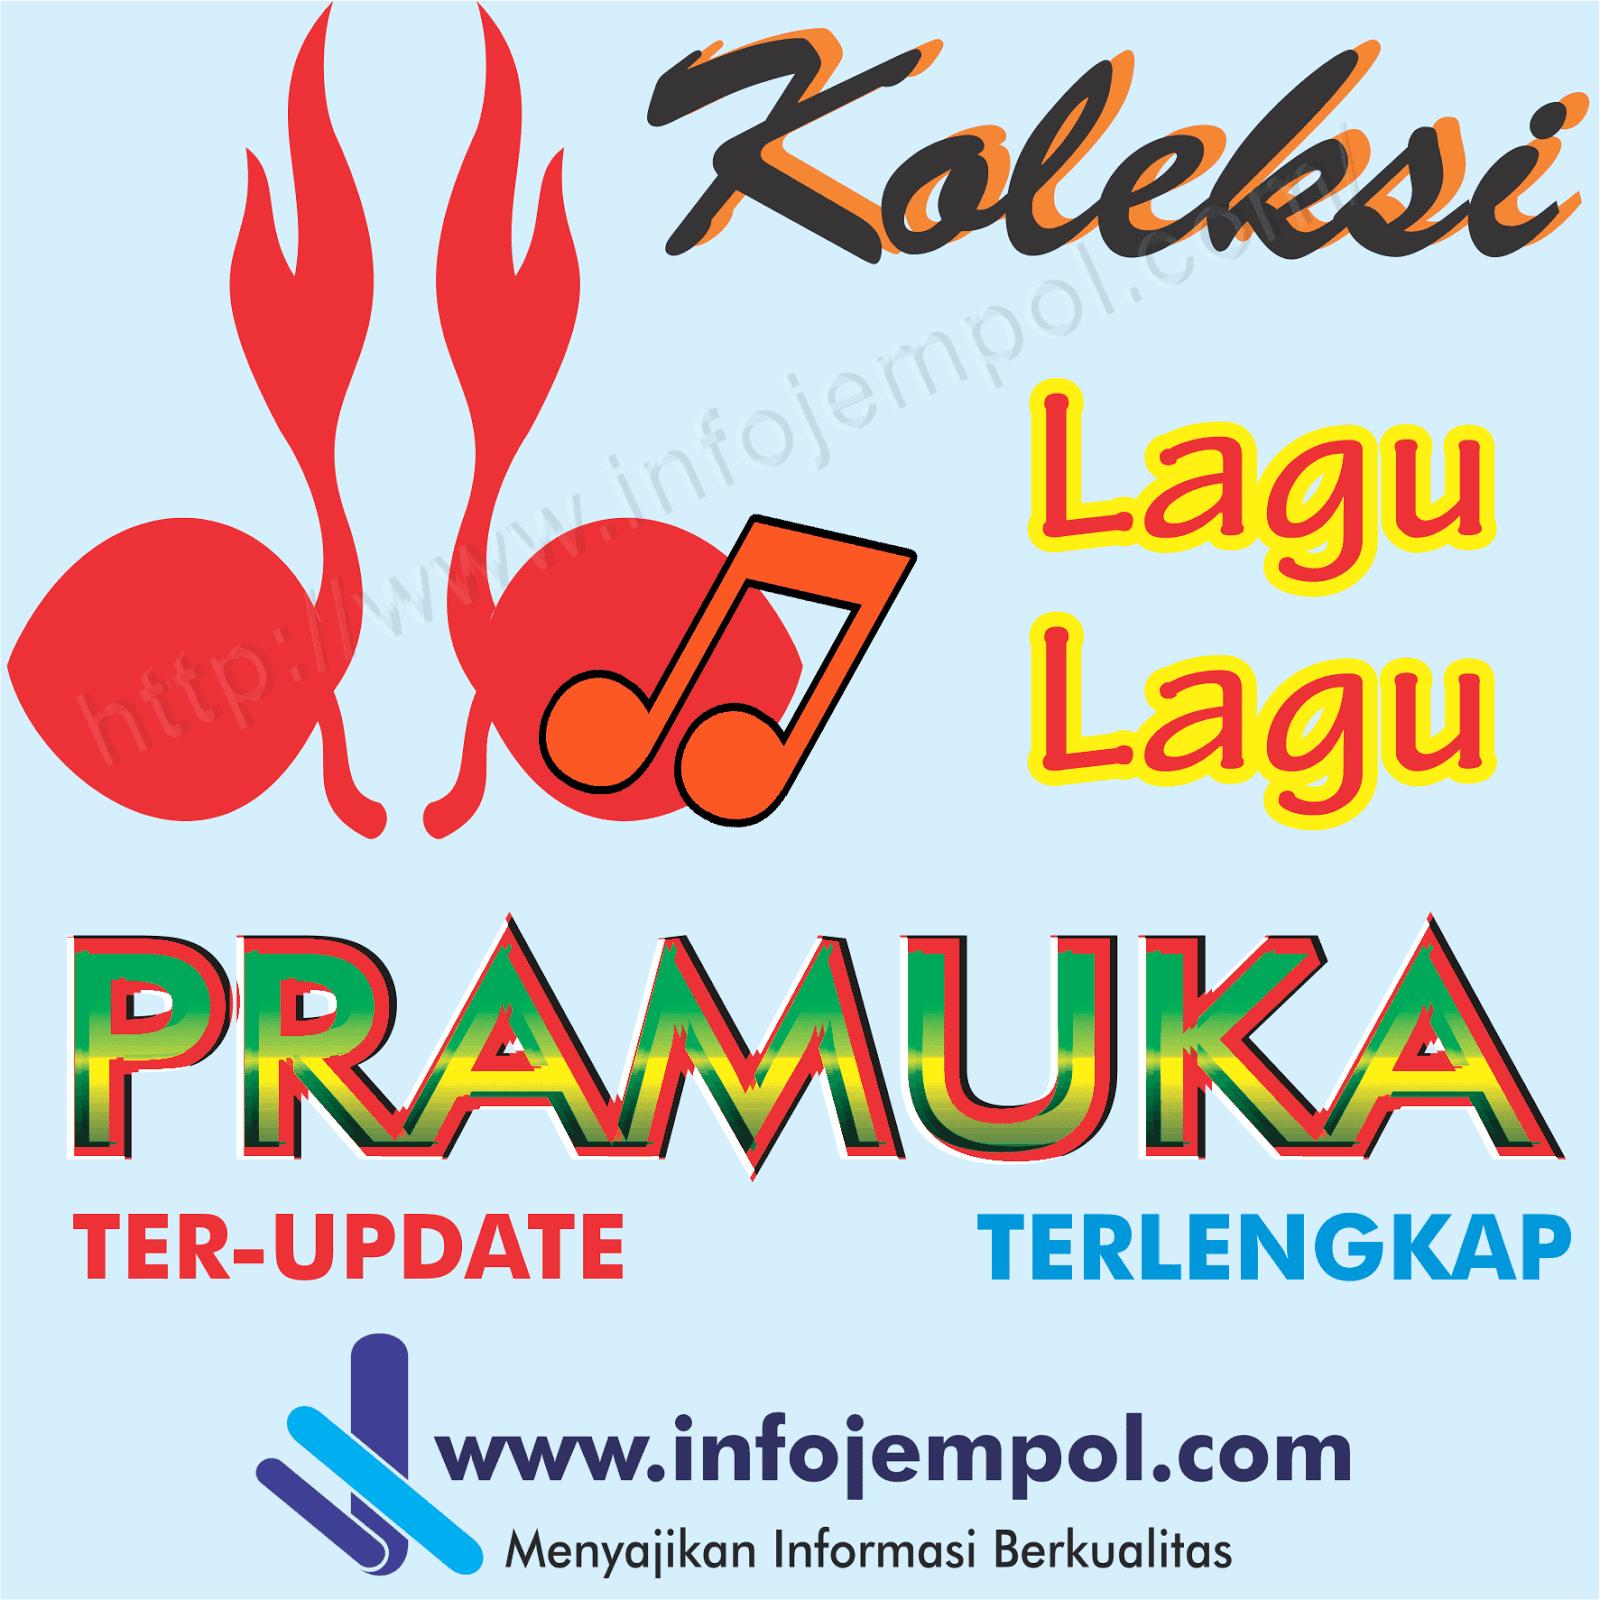 Download Dj Akimilaku 2018 Terbaru: Koleksi /Kumpulan Lagu-Lagu Pramuka Terbaru 2018